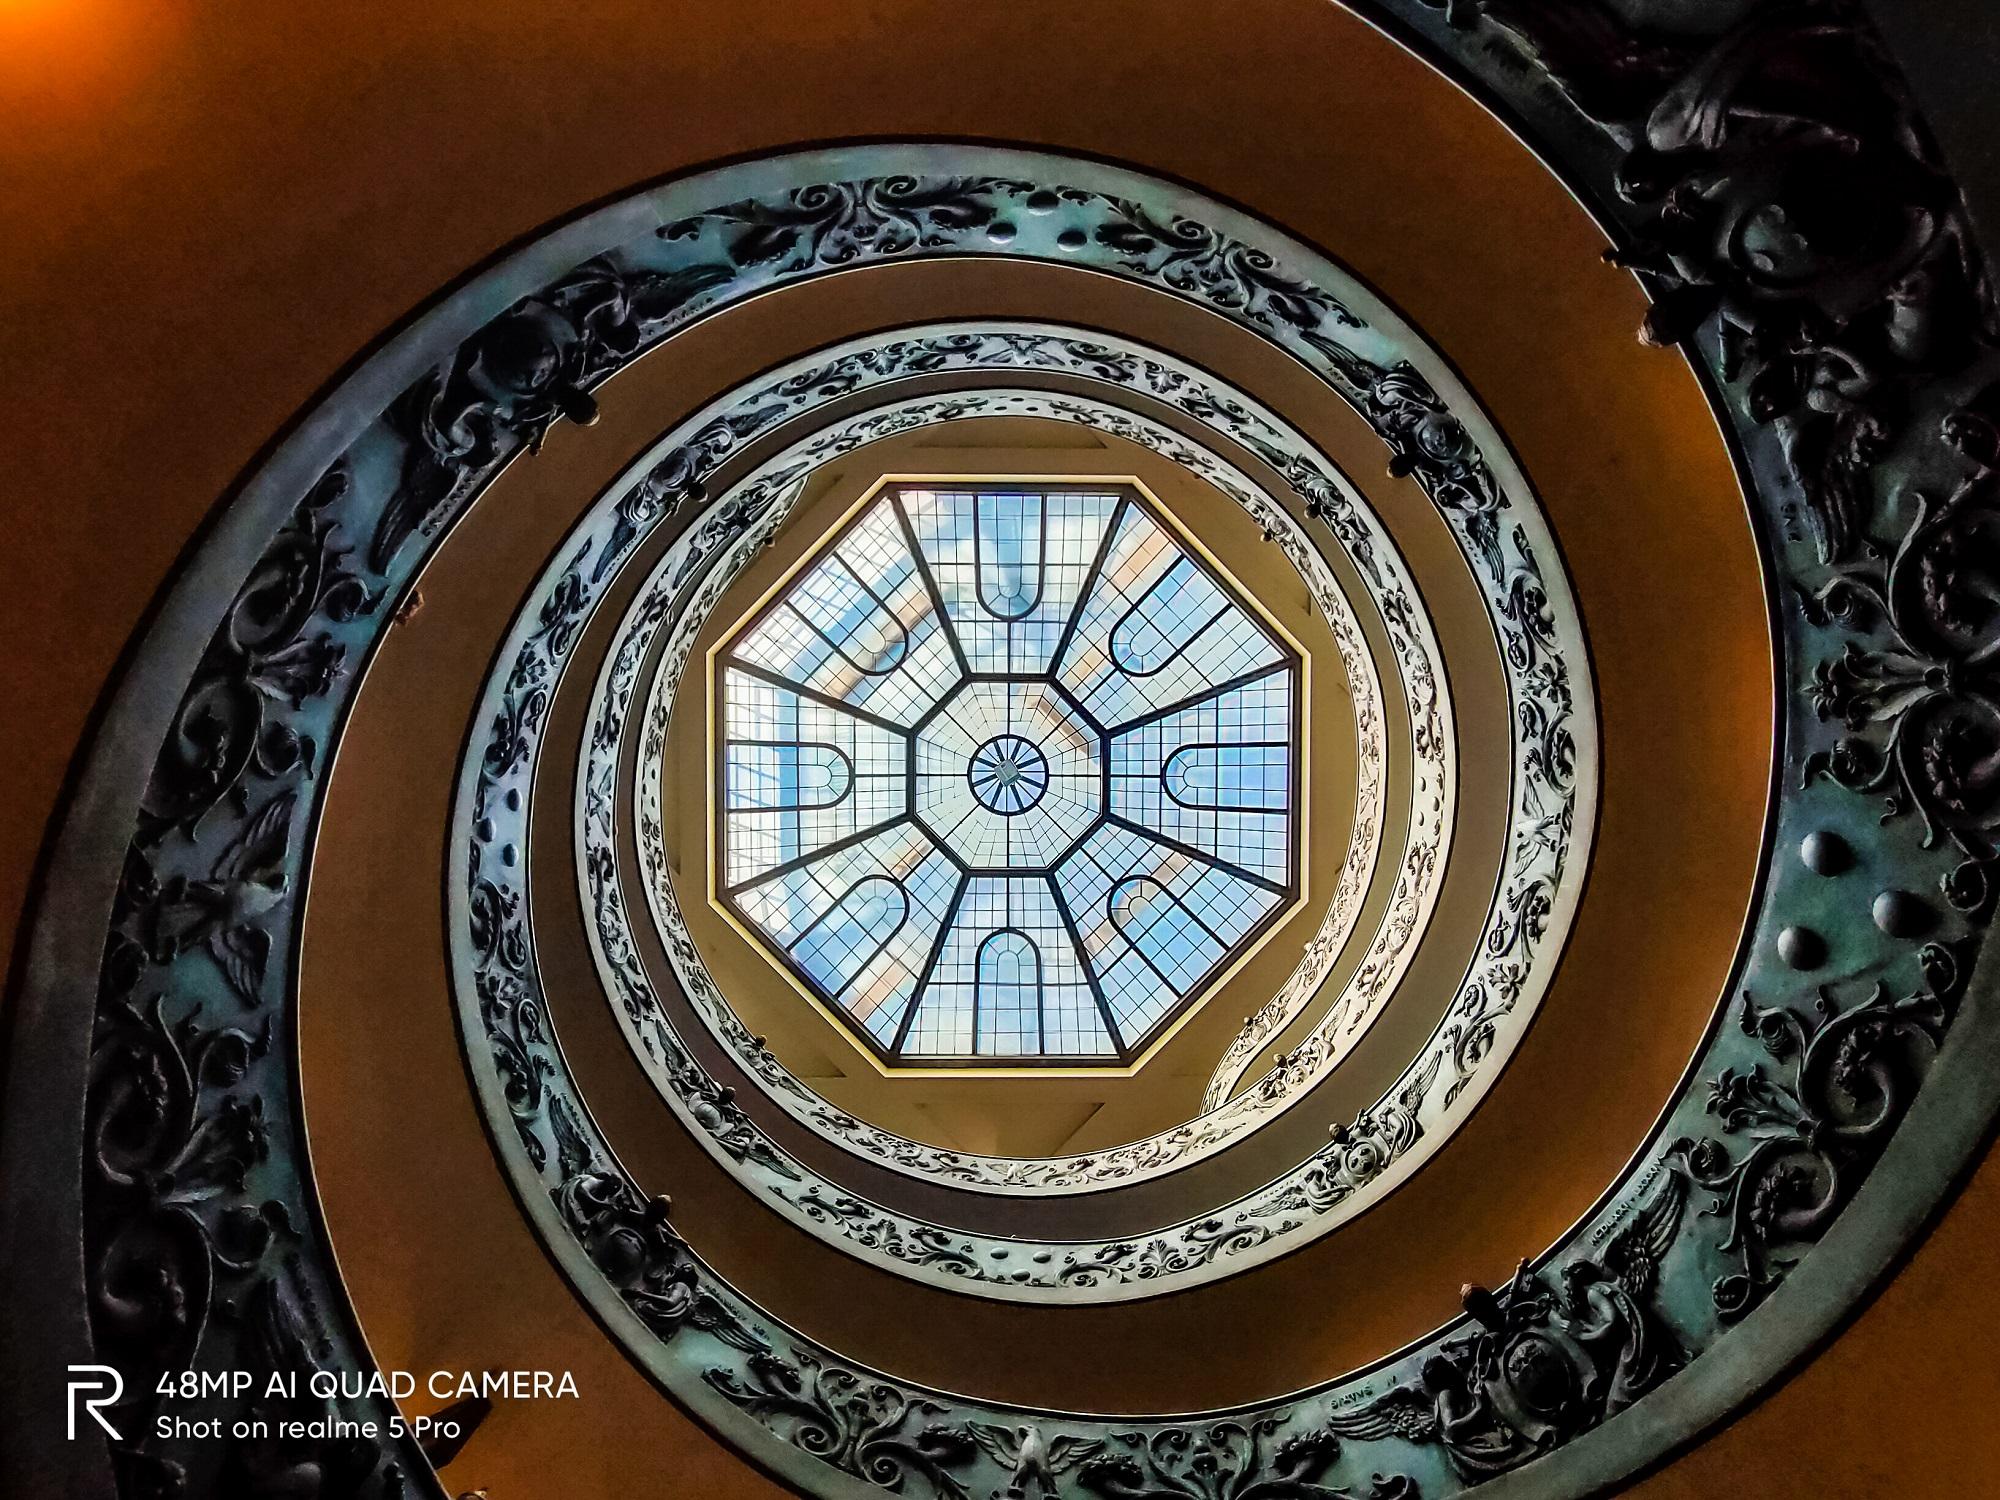 Cầu thang lên bảo tàng với hình xoắn ốc rất hút mắt.